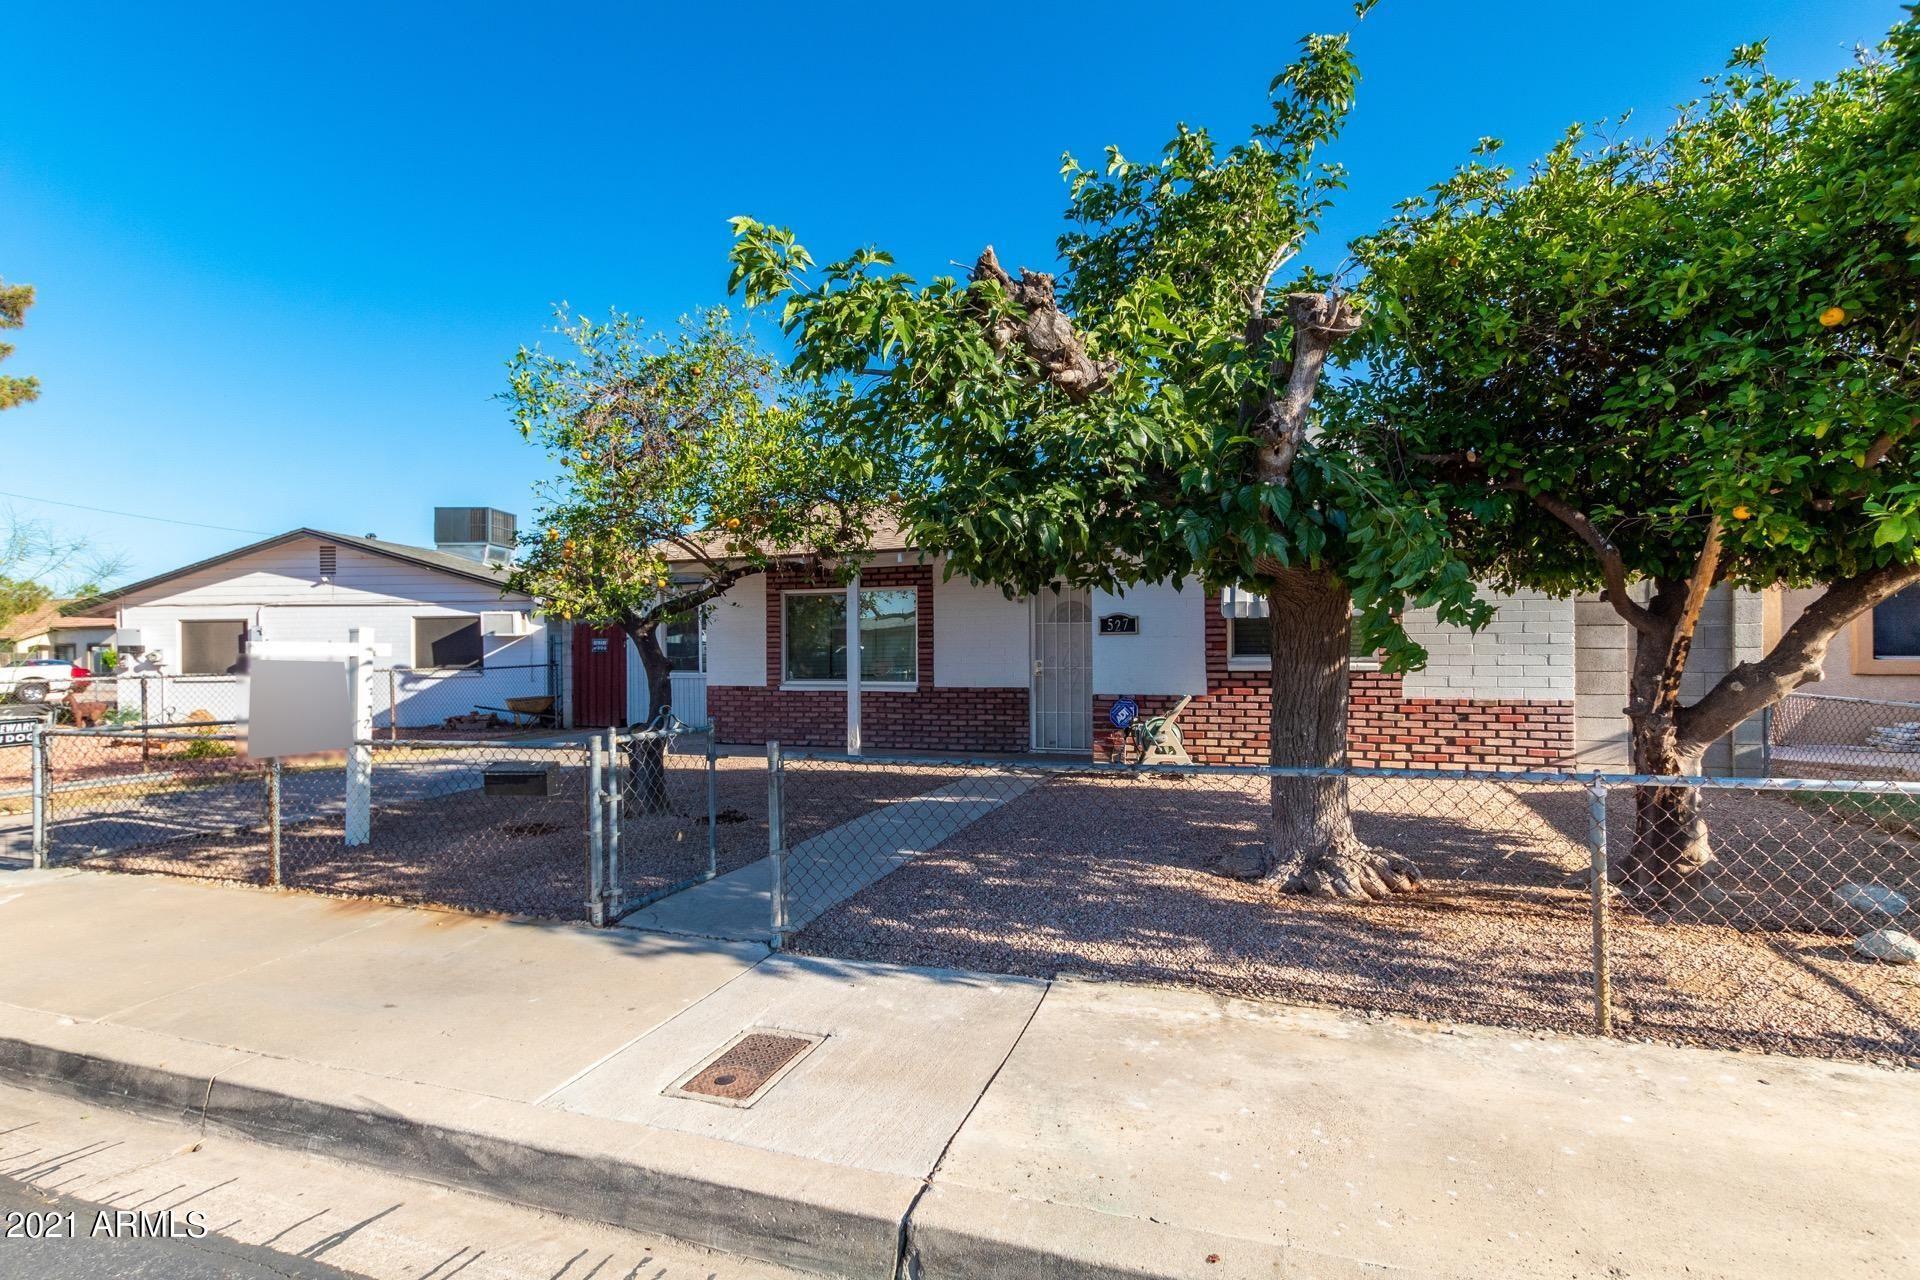 Photo of 527 E Kinderman Drive, Avondale, AZ 85323 (MLS # 6231838)